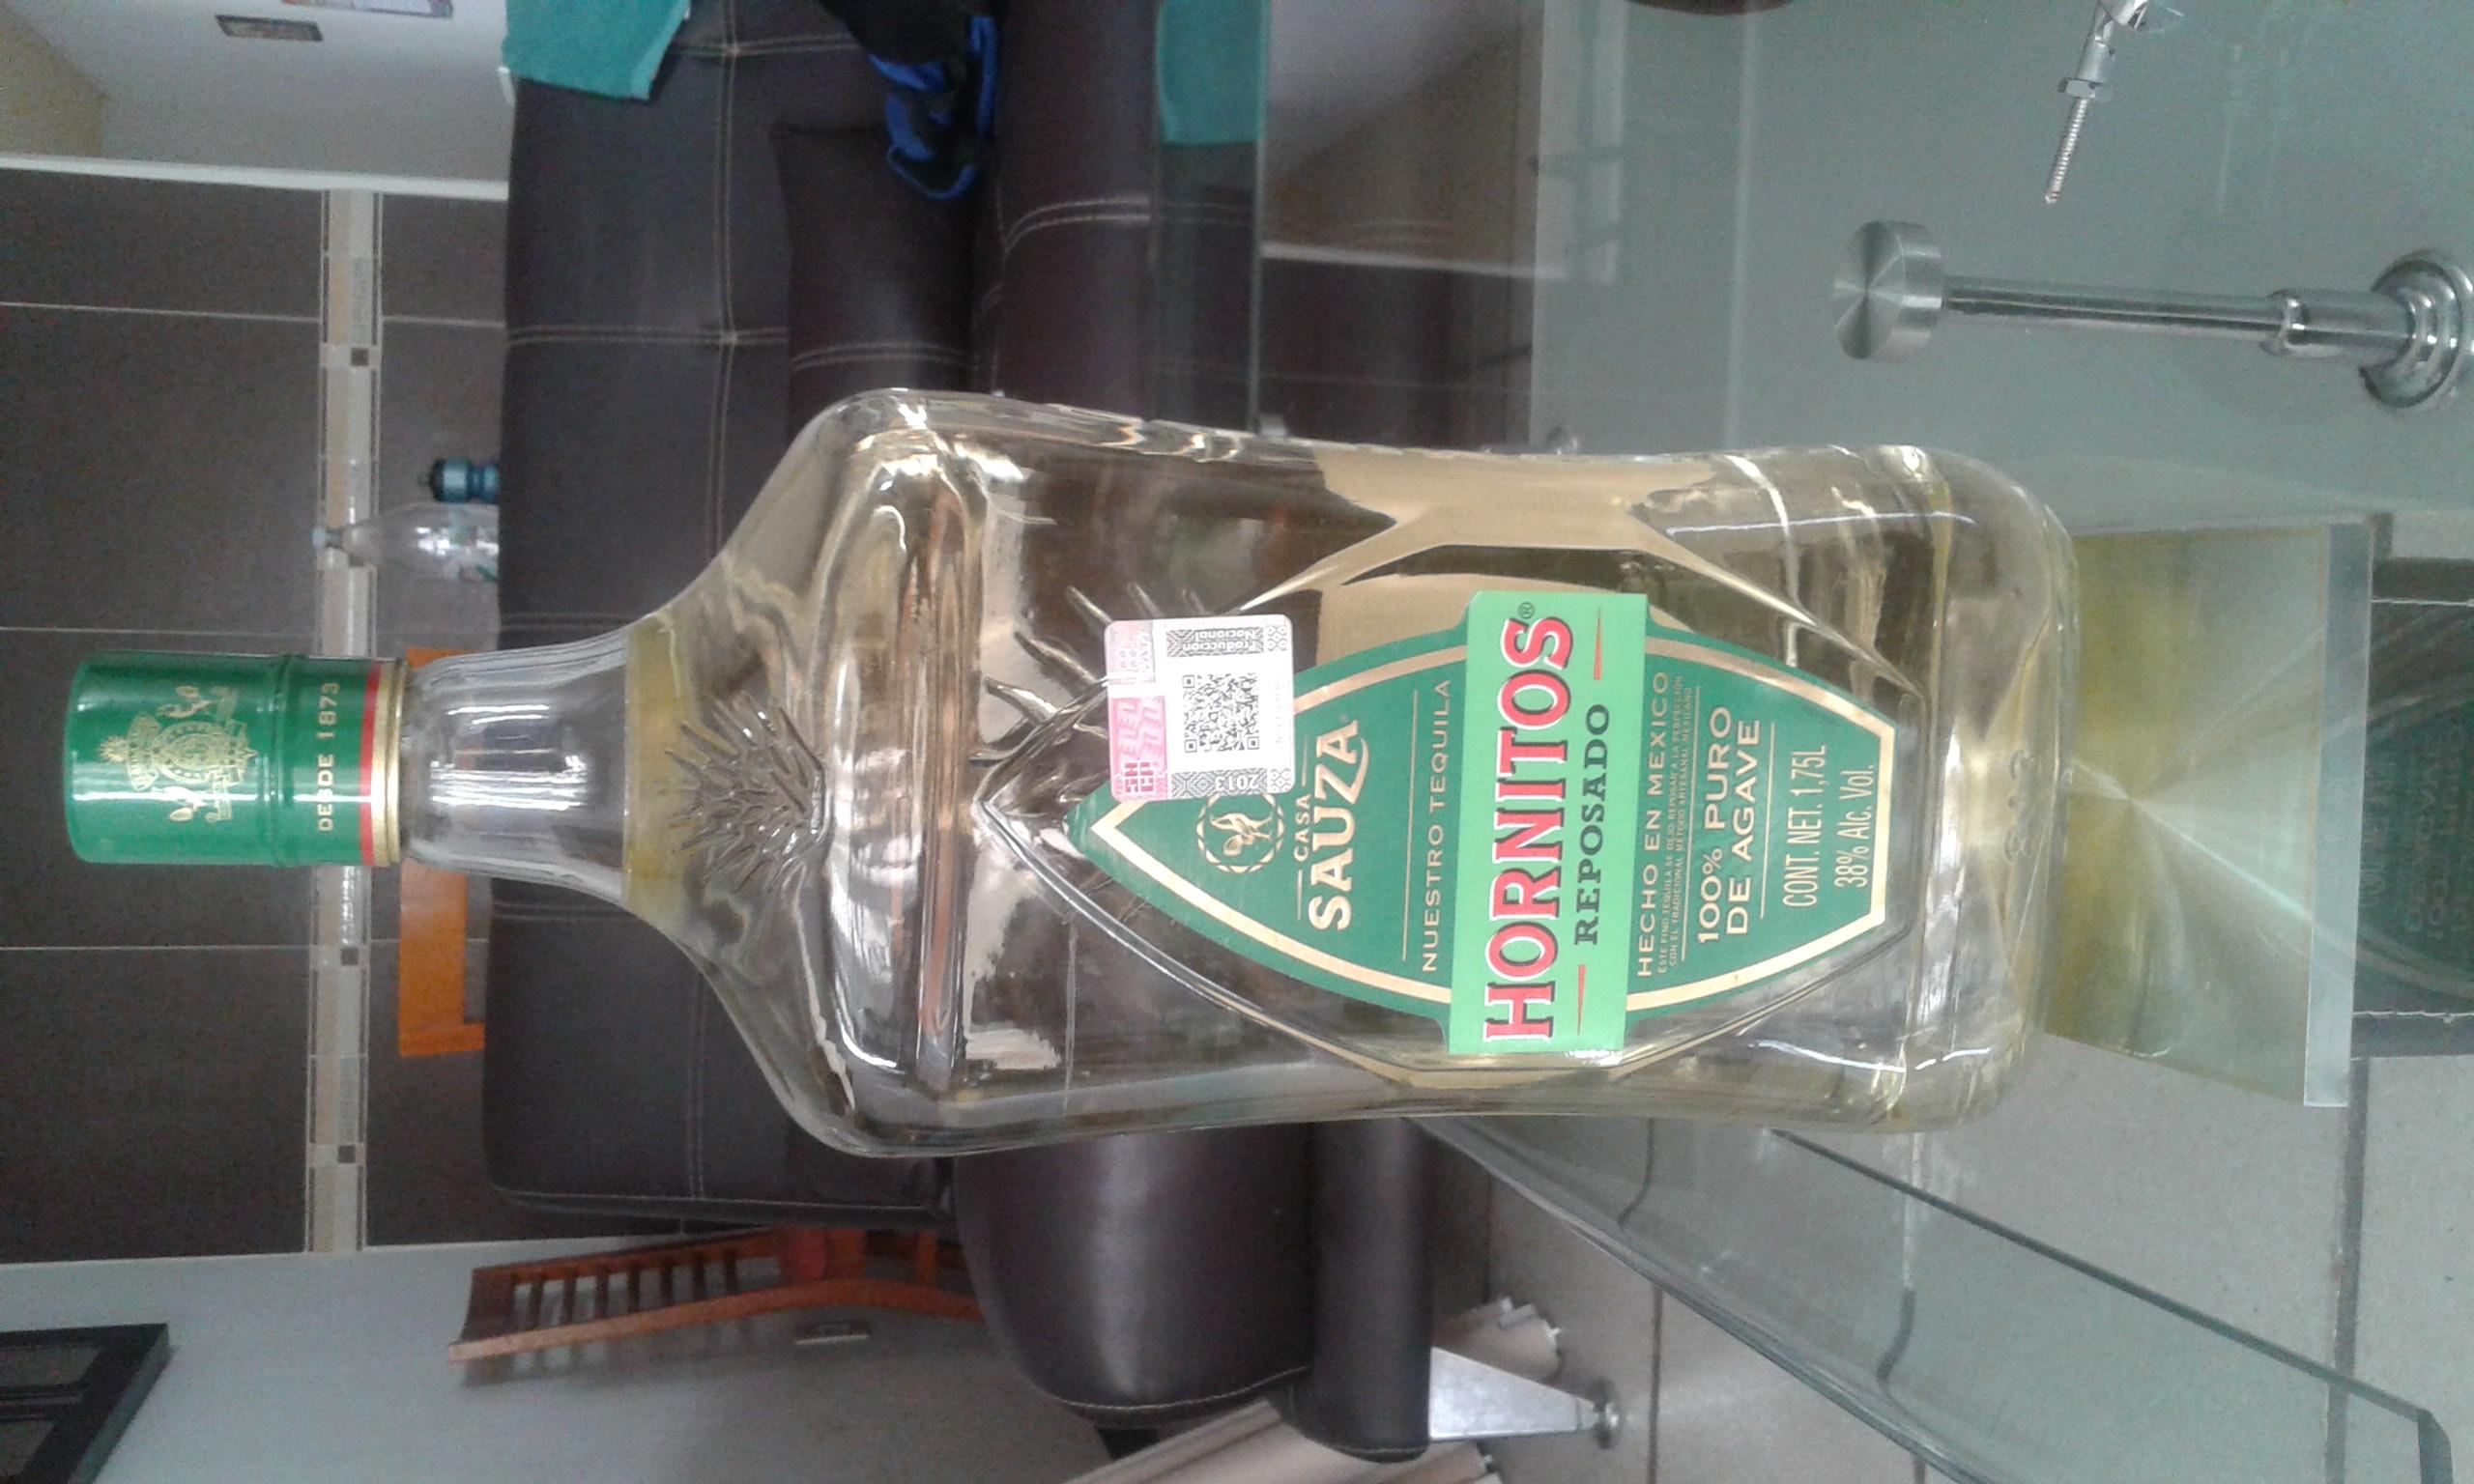 Walmart, Delta. León, Gto. Botella de Tequila Hornitos de 1.75L a $240.02